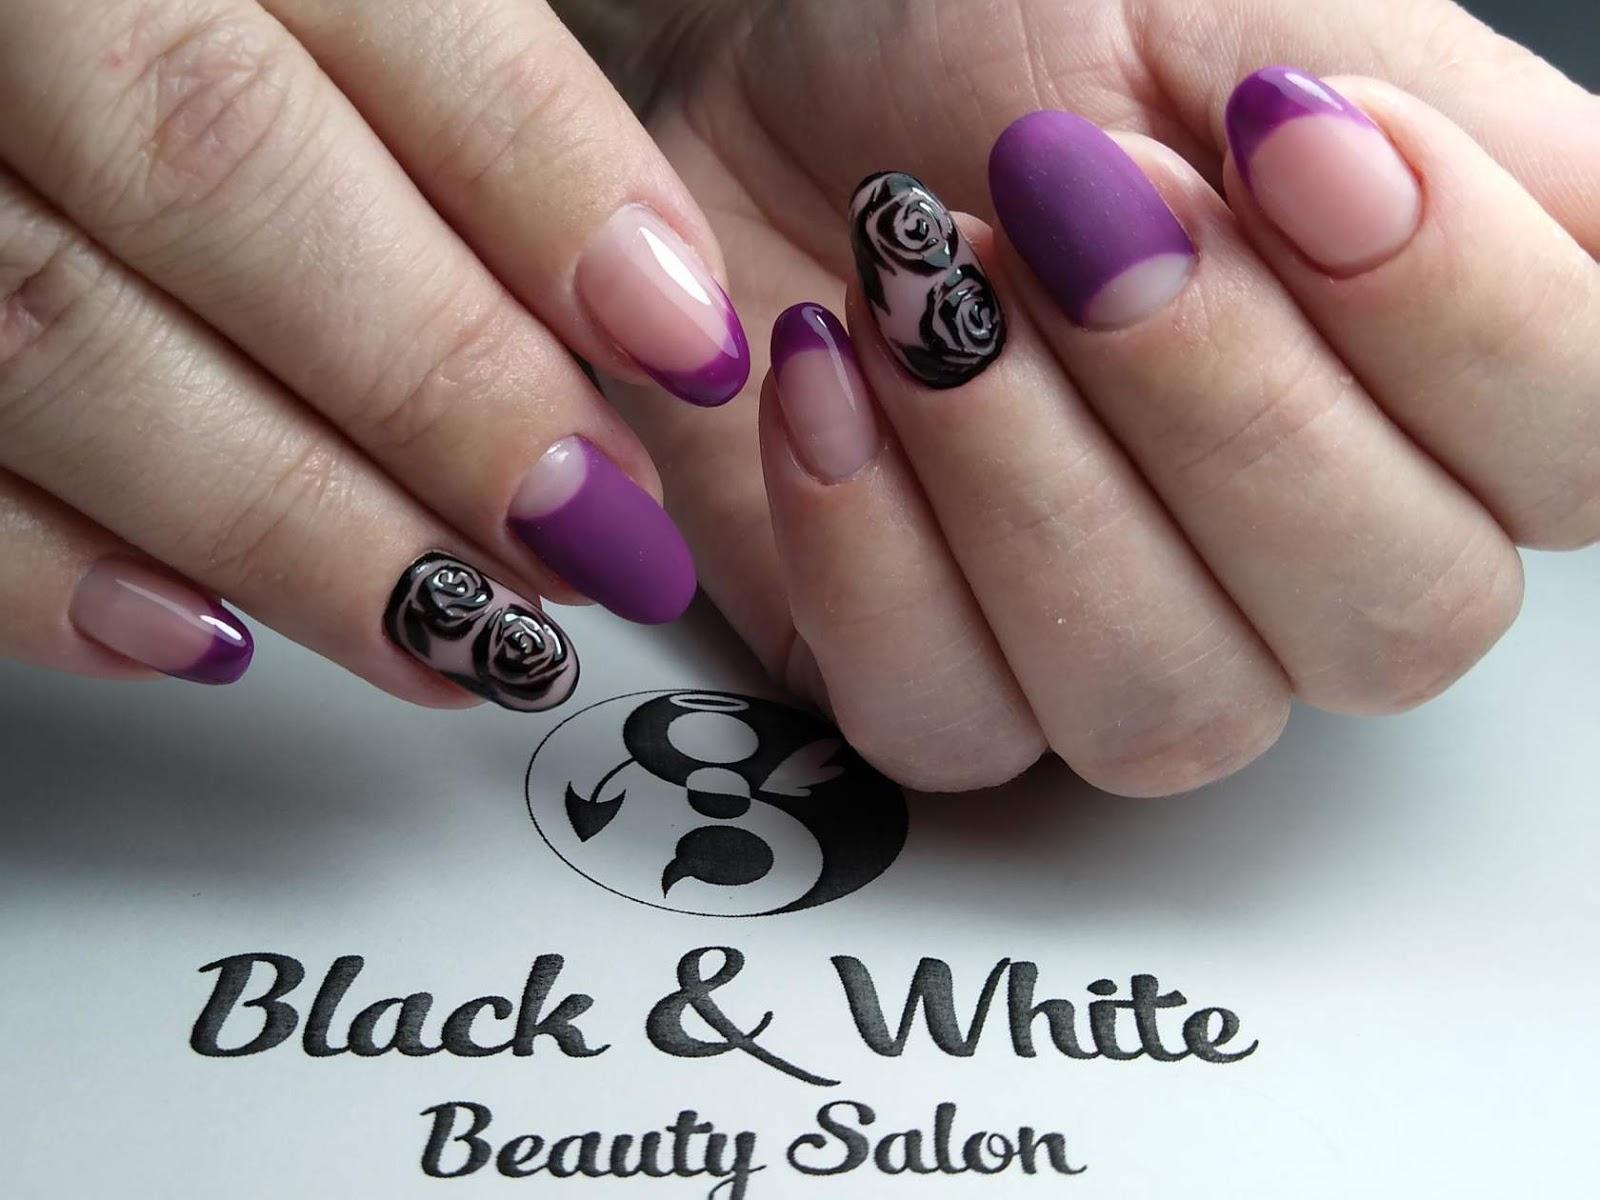 Black & White Nails Art Disign: Box Nail